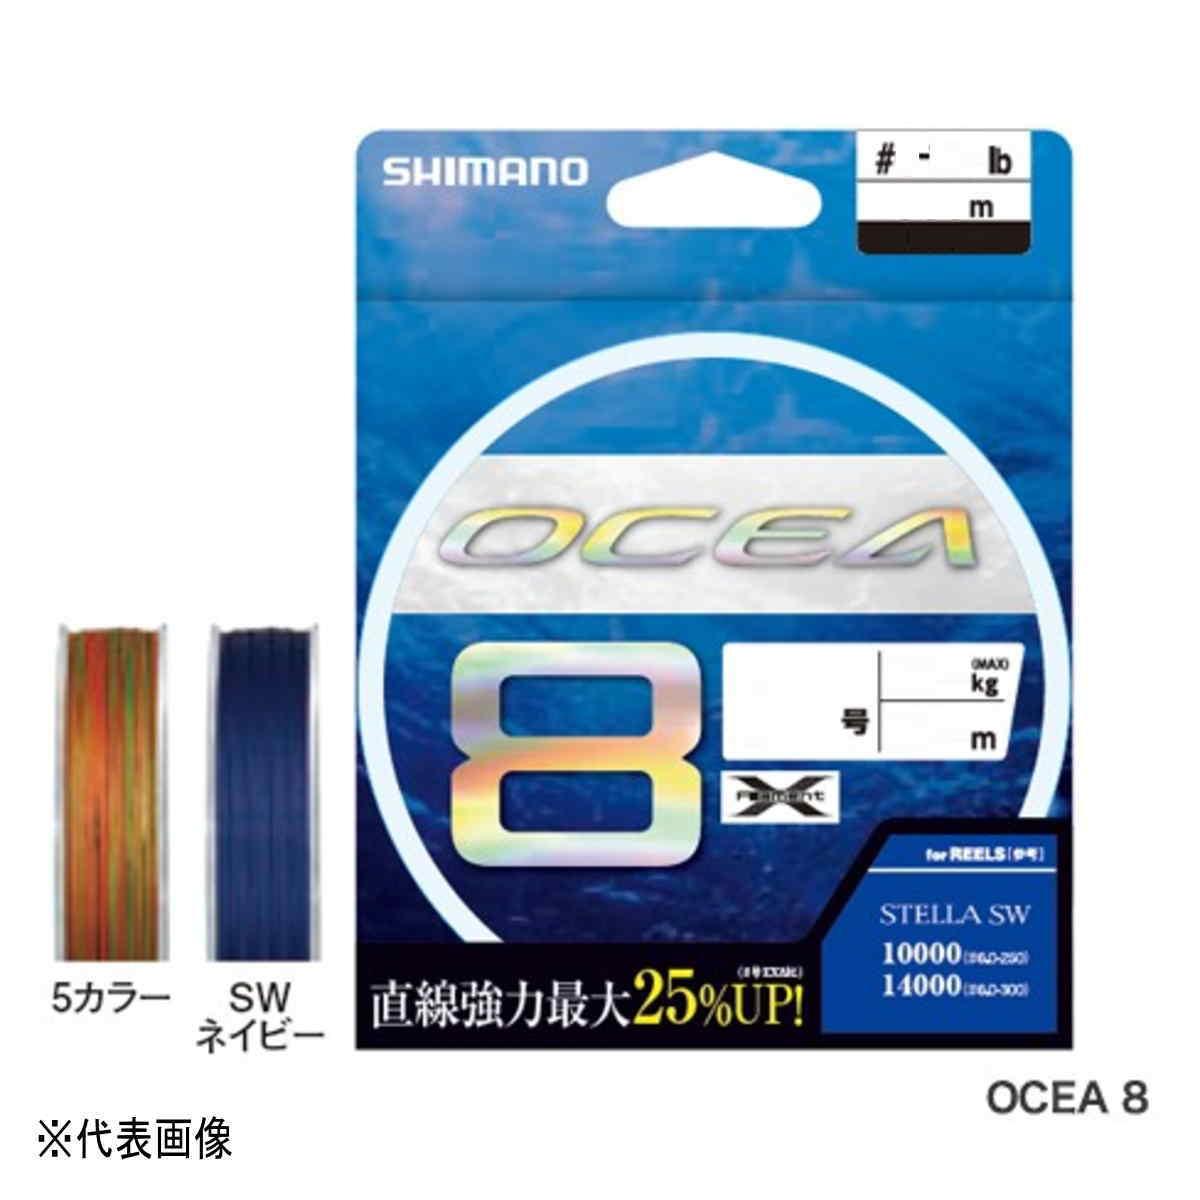 【送料無料4】シマノ PEライン オシア8 LD-A81S 400m 3.0号 5カラー